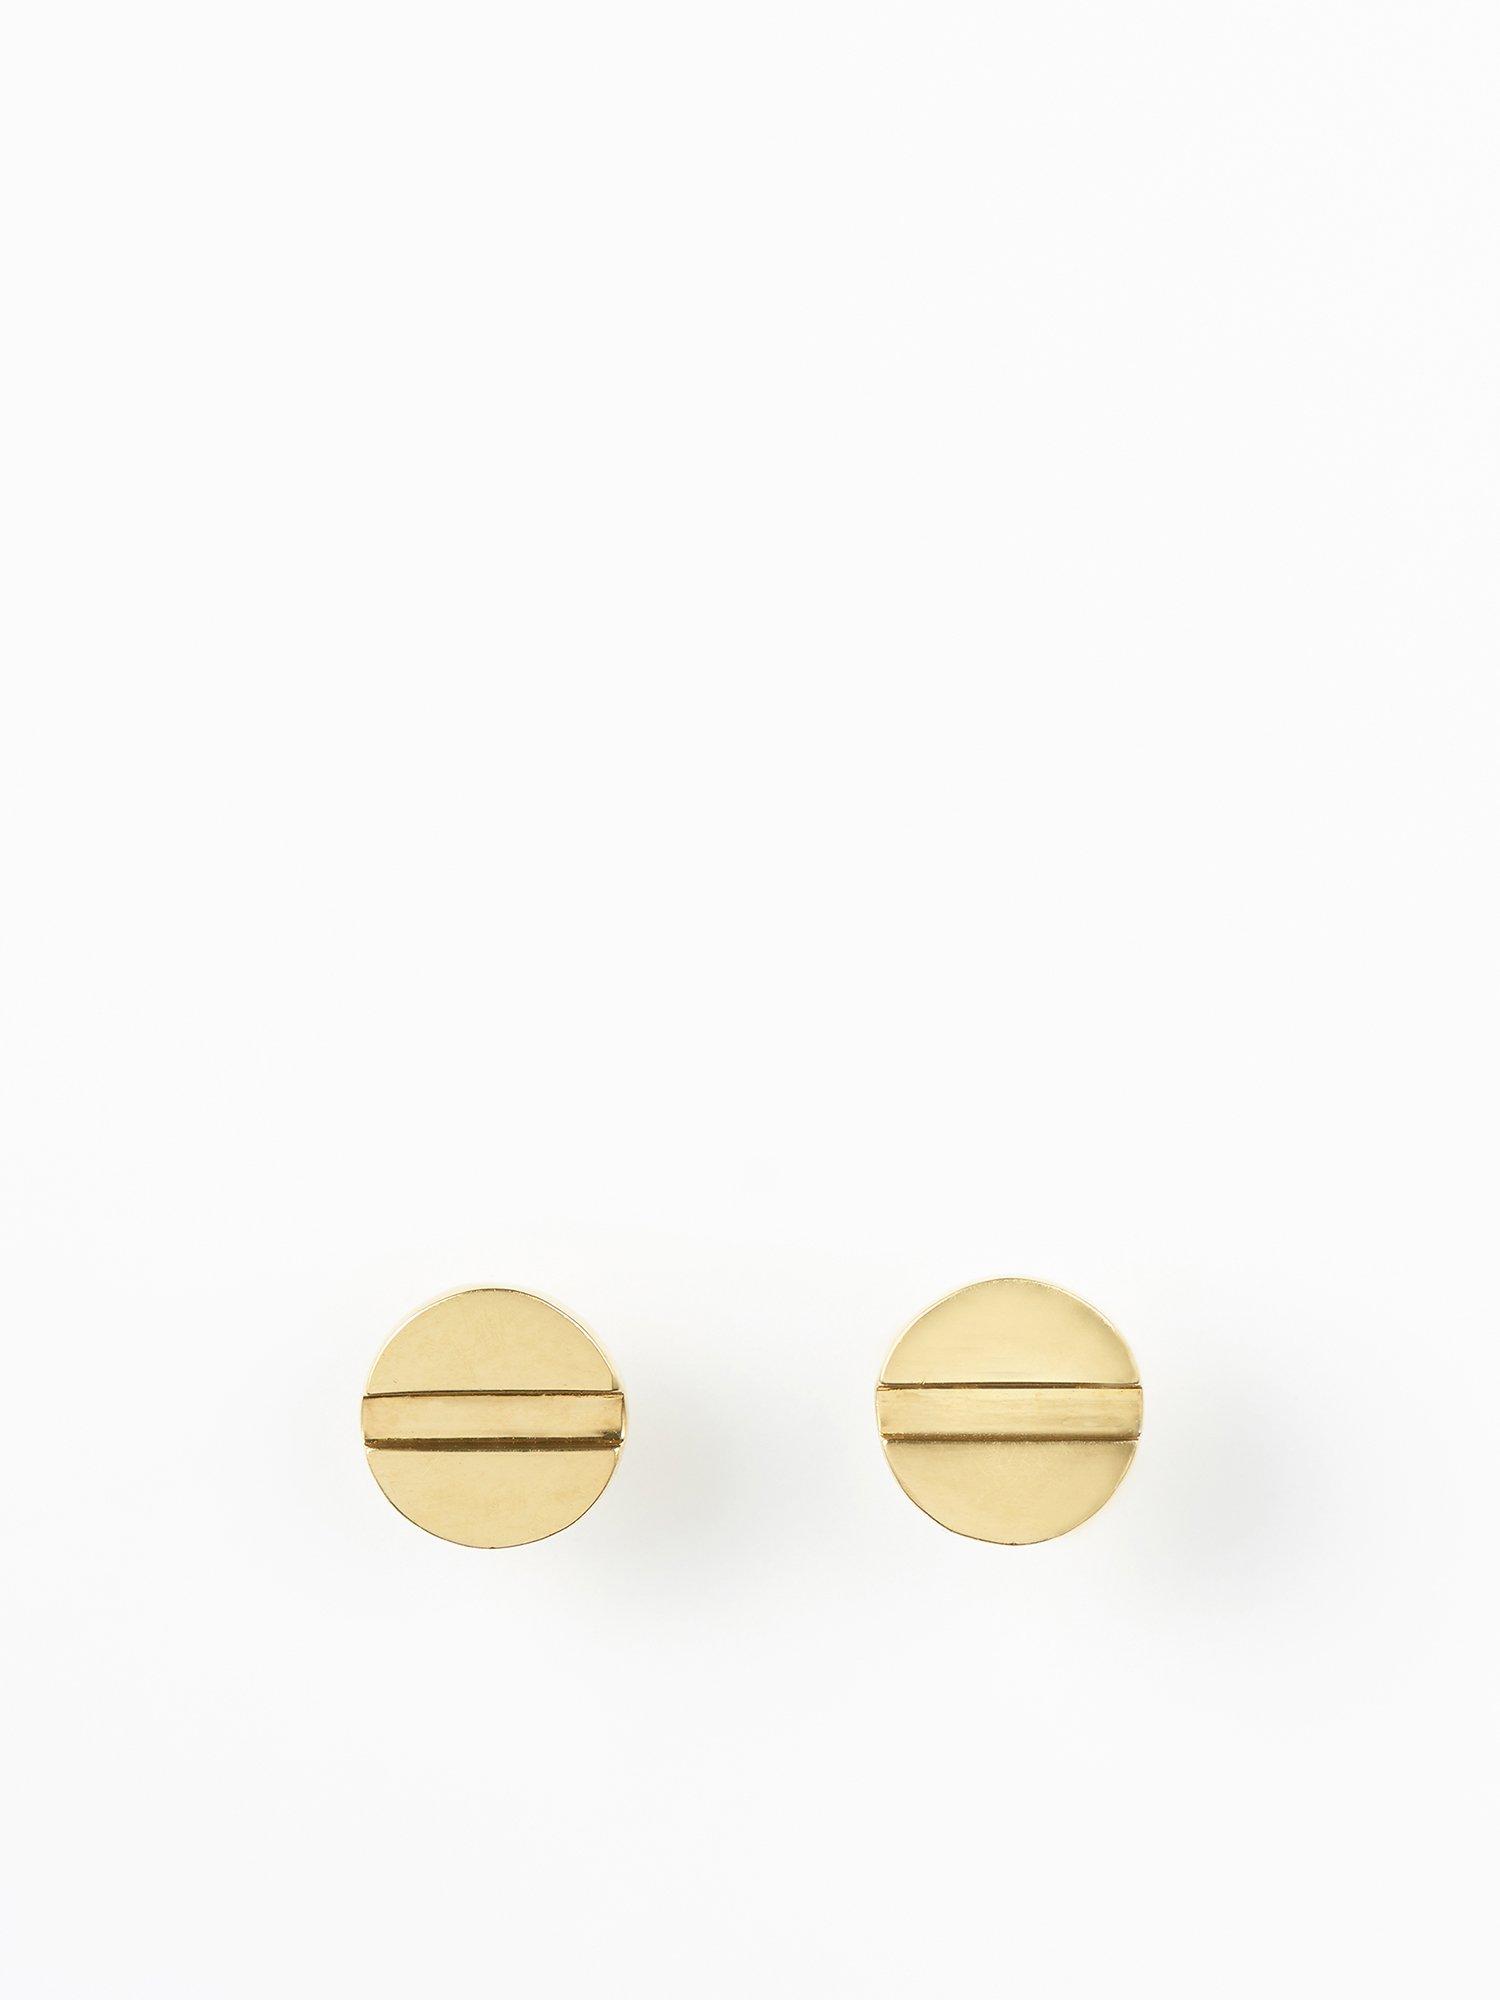 SOPHISTICATED VINTAGE / Vis earrings